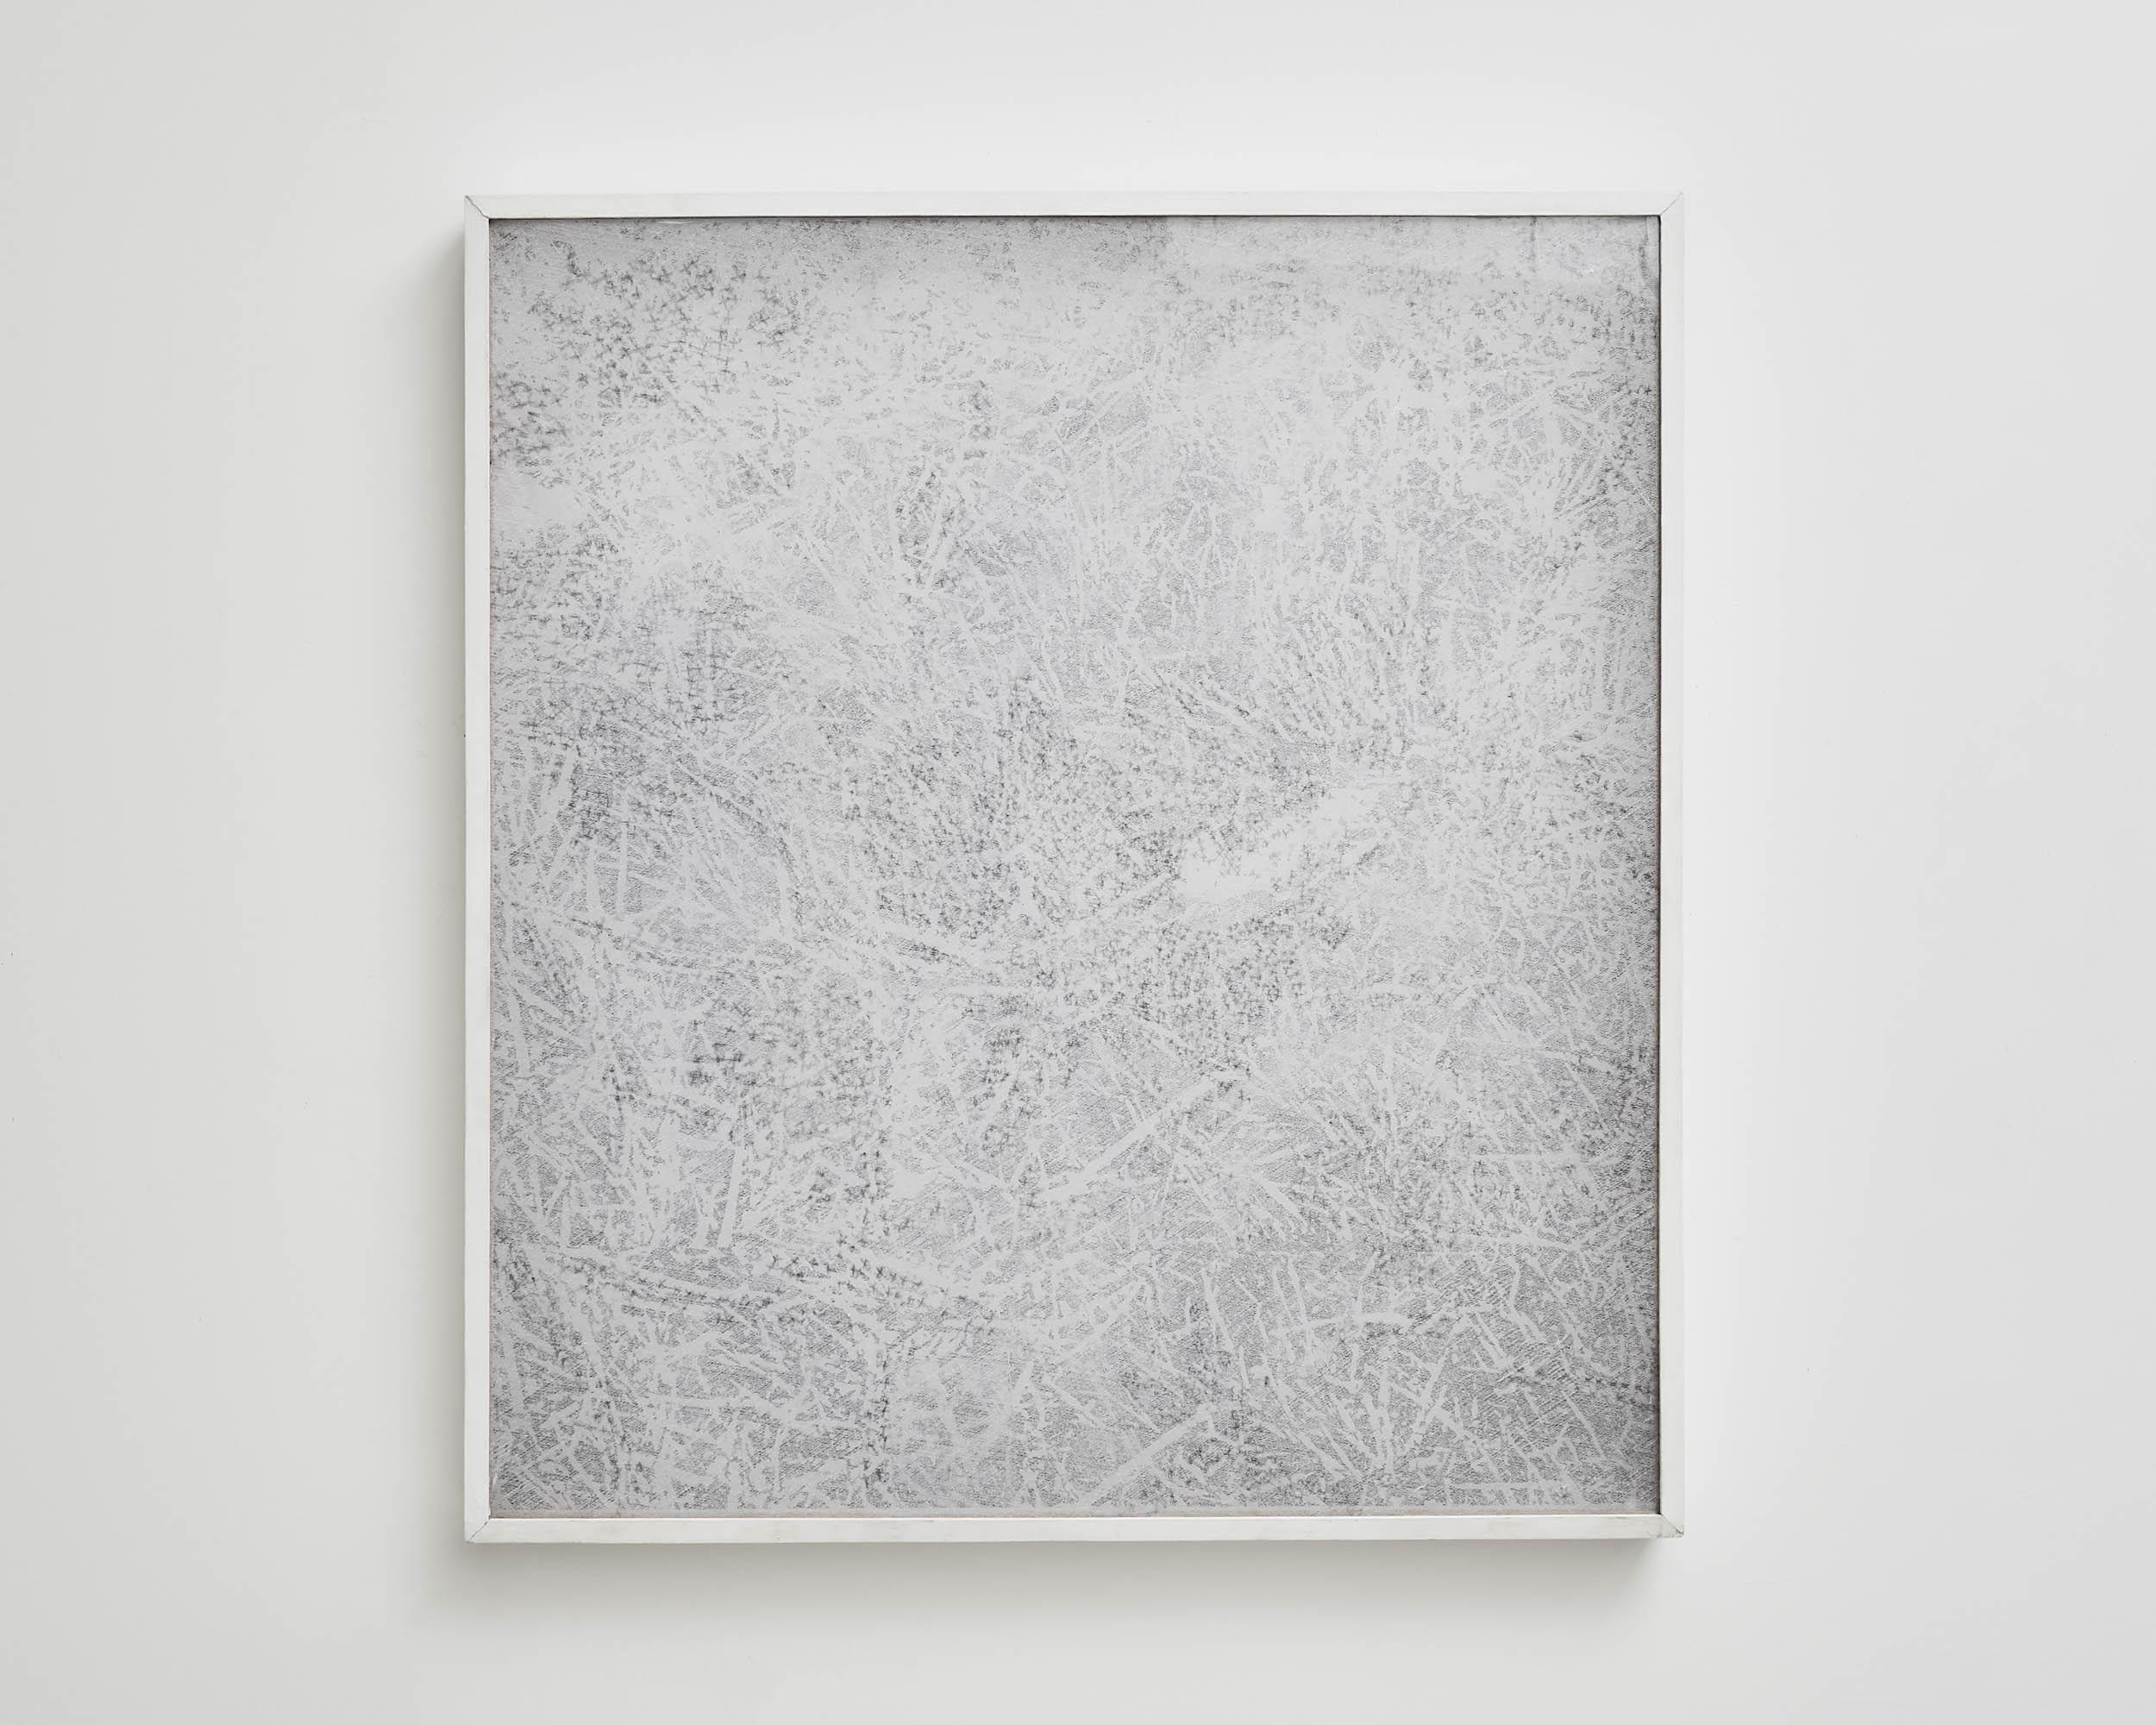 Dessin-écran 2   2012, Sol, photocopie, trame, crayon graphite et boîte bois  1x1m.